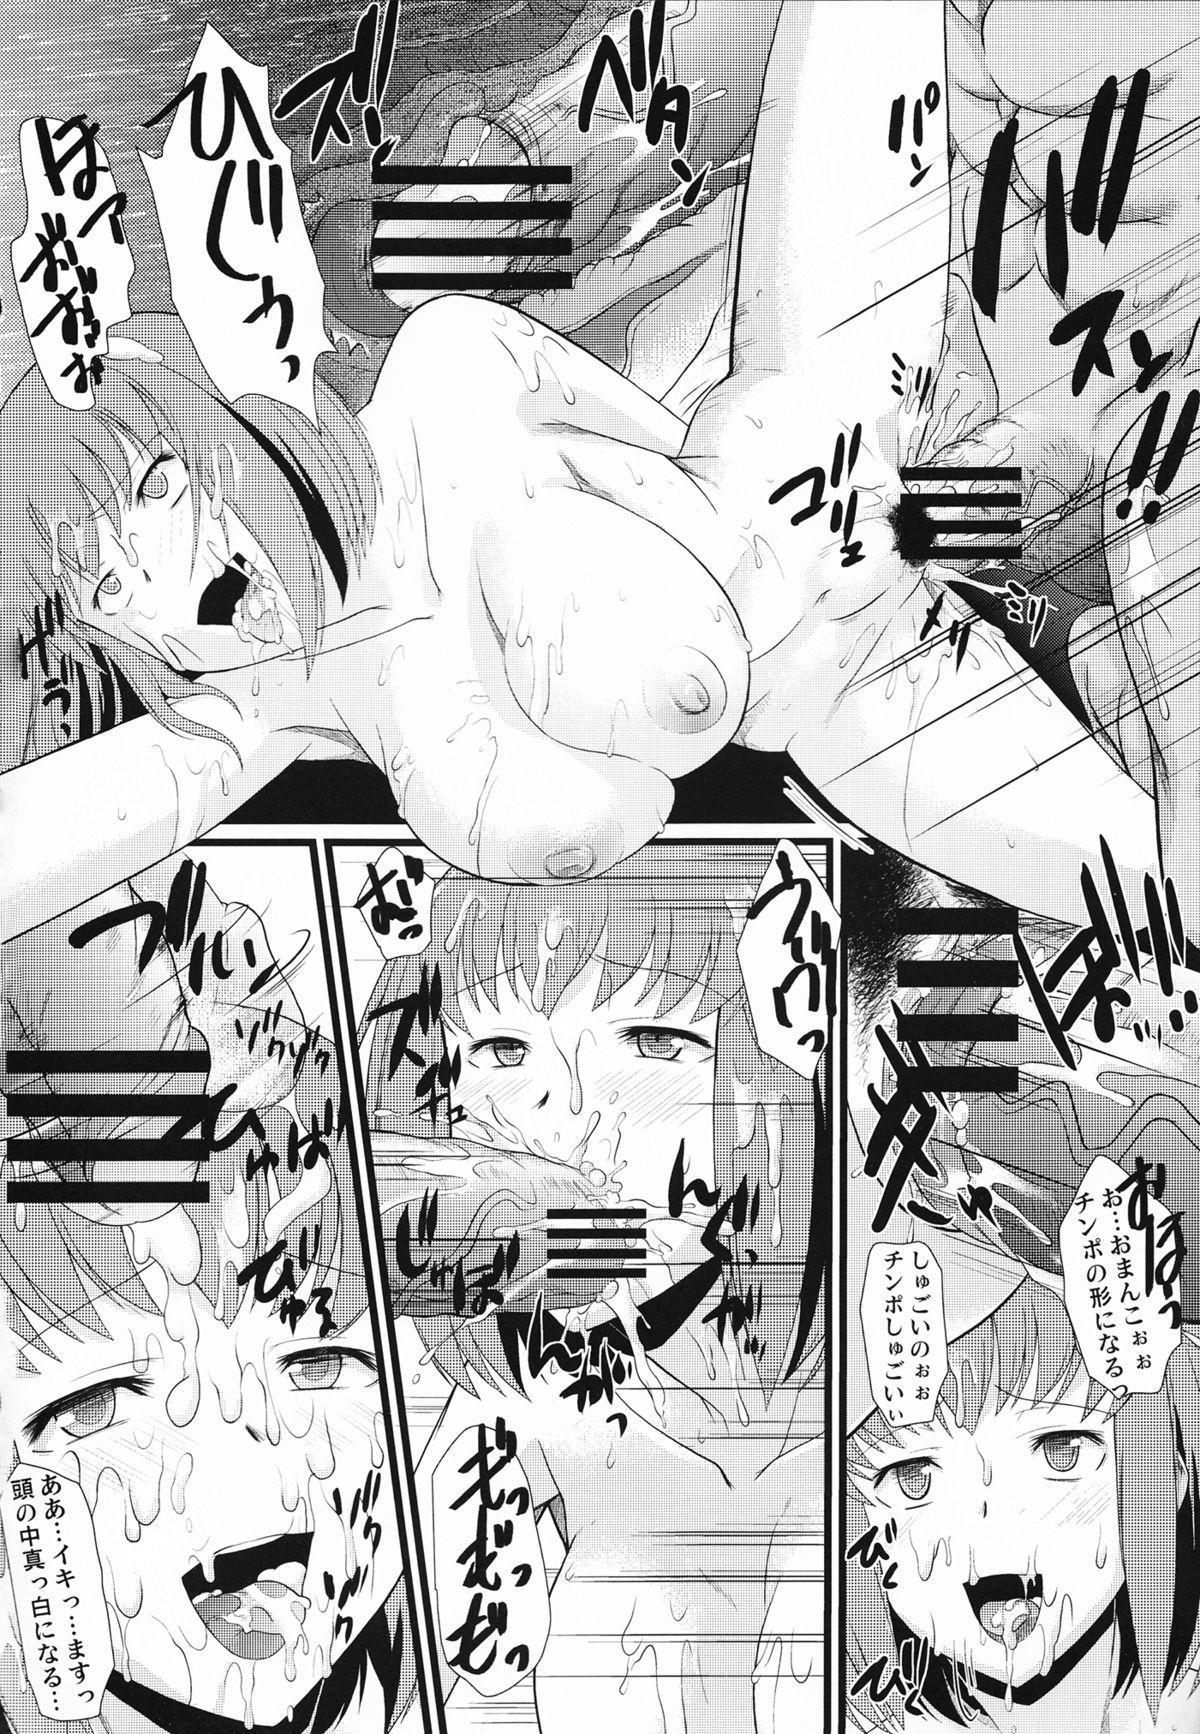 Yoru no Tenshi 19